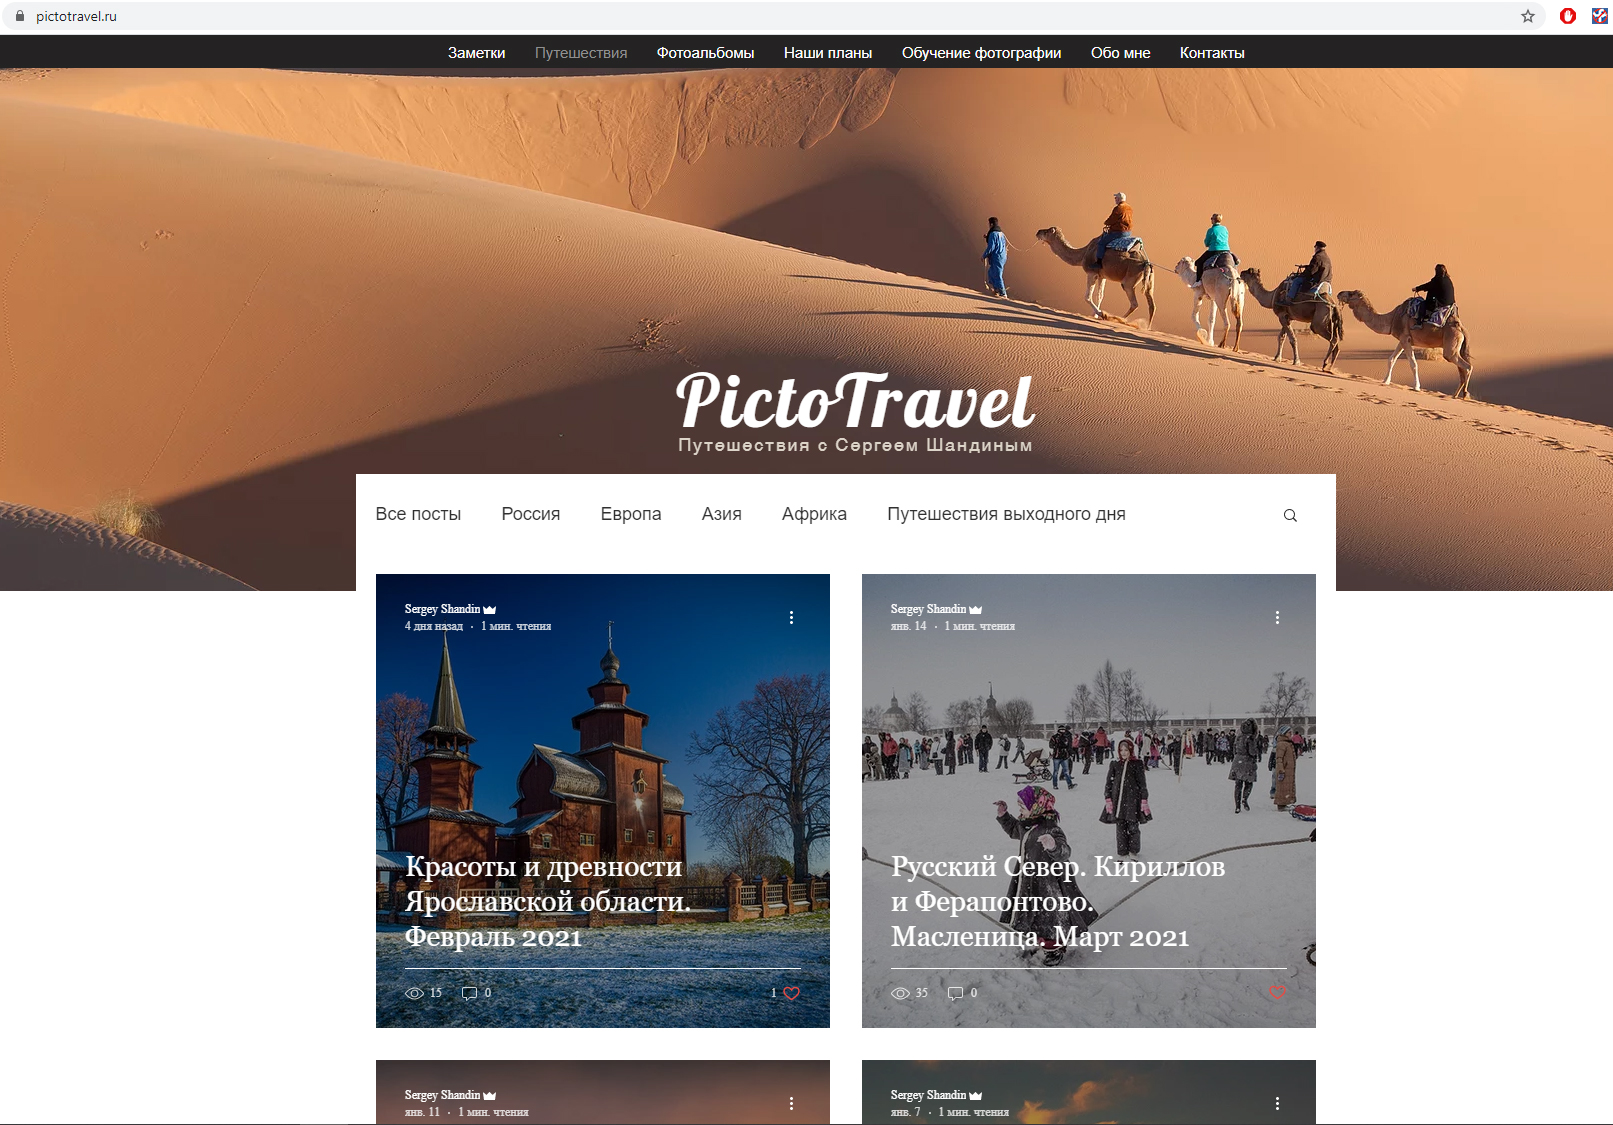 Новый сайт о путешествиях с Сергеем Шандиным. PictoTravel.RU